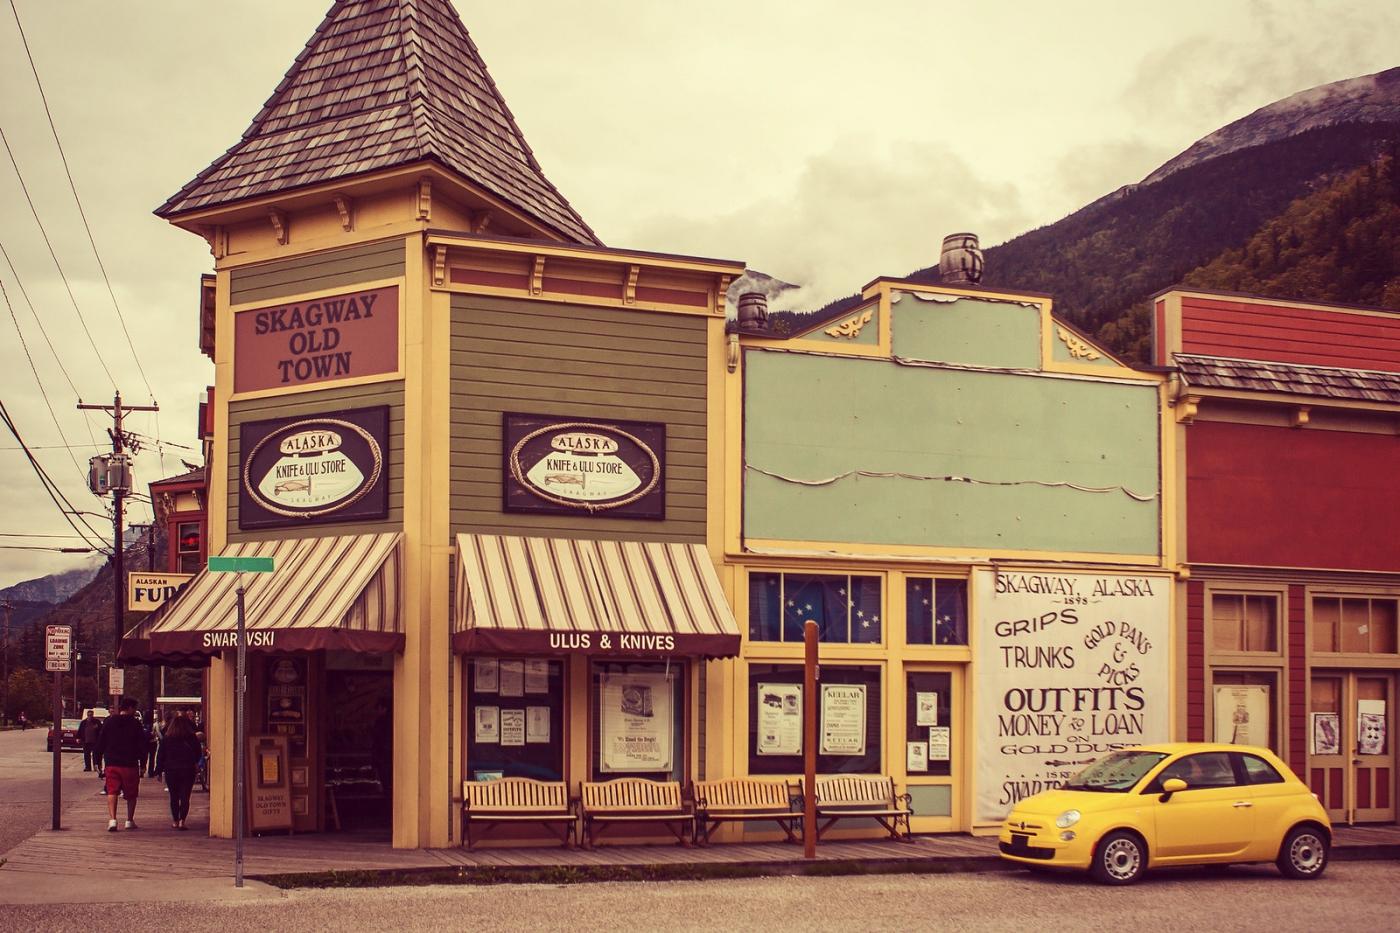 美国阿拉斯加小城史凯威,原来是这样_图1-9